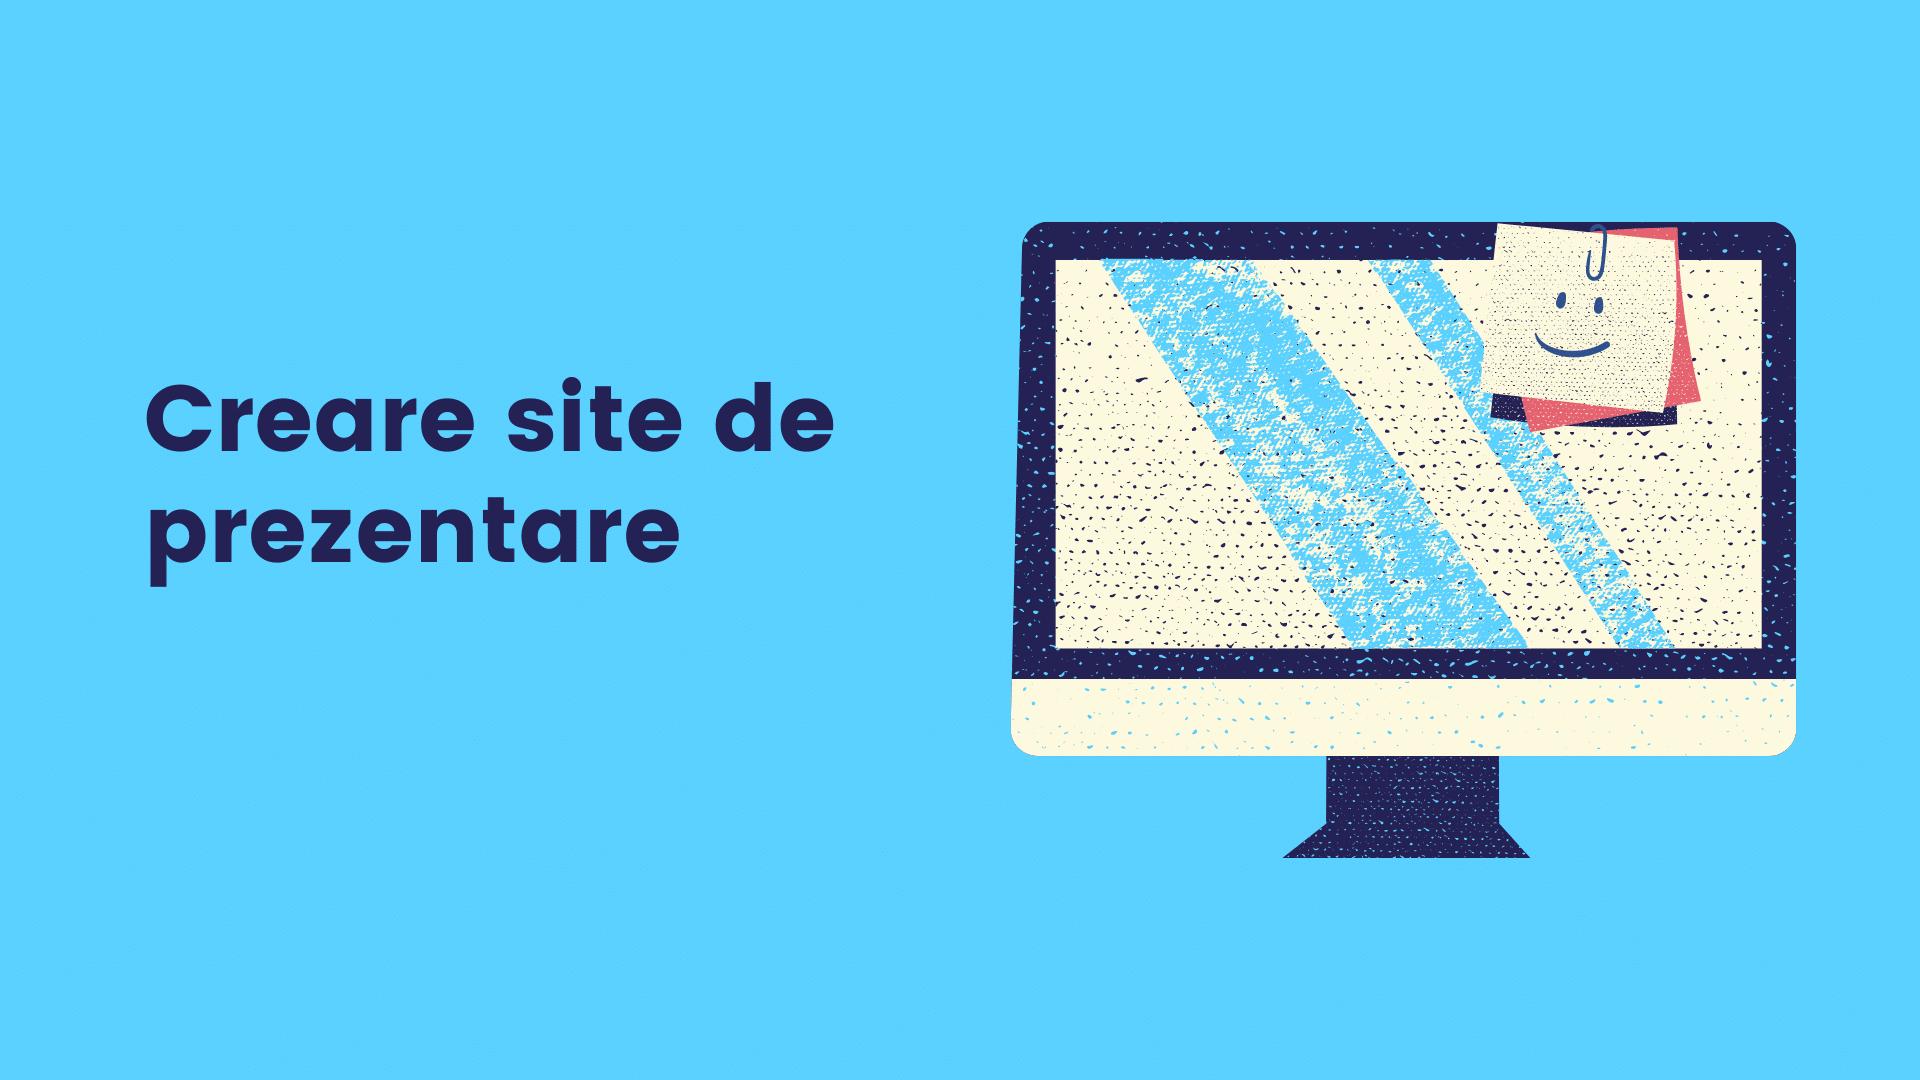 Creare site de prezentare, firma web development, servicii web design cluj. Creare site de prezentare profesional, rapid, responsive, securizat HTTPS, actualizat. Servicii creare site pentru afacere online. Firma software oferim servicii creare site profesional cu design modern.